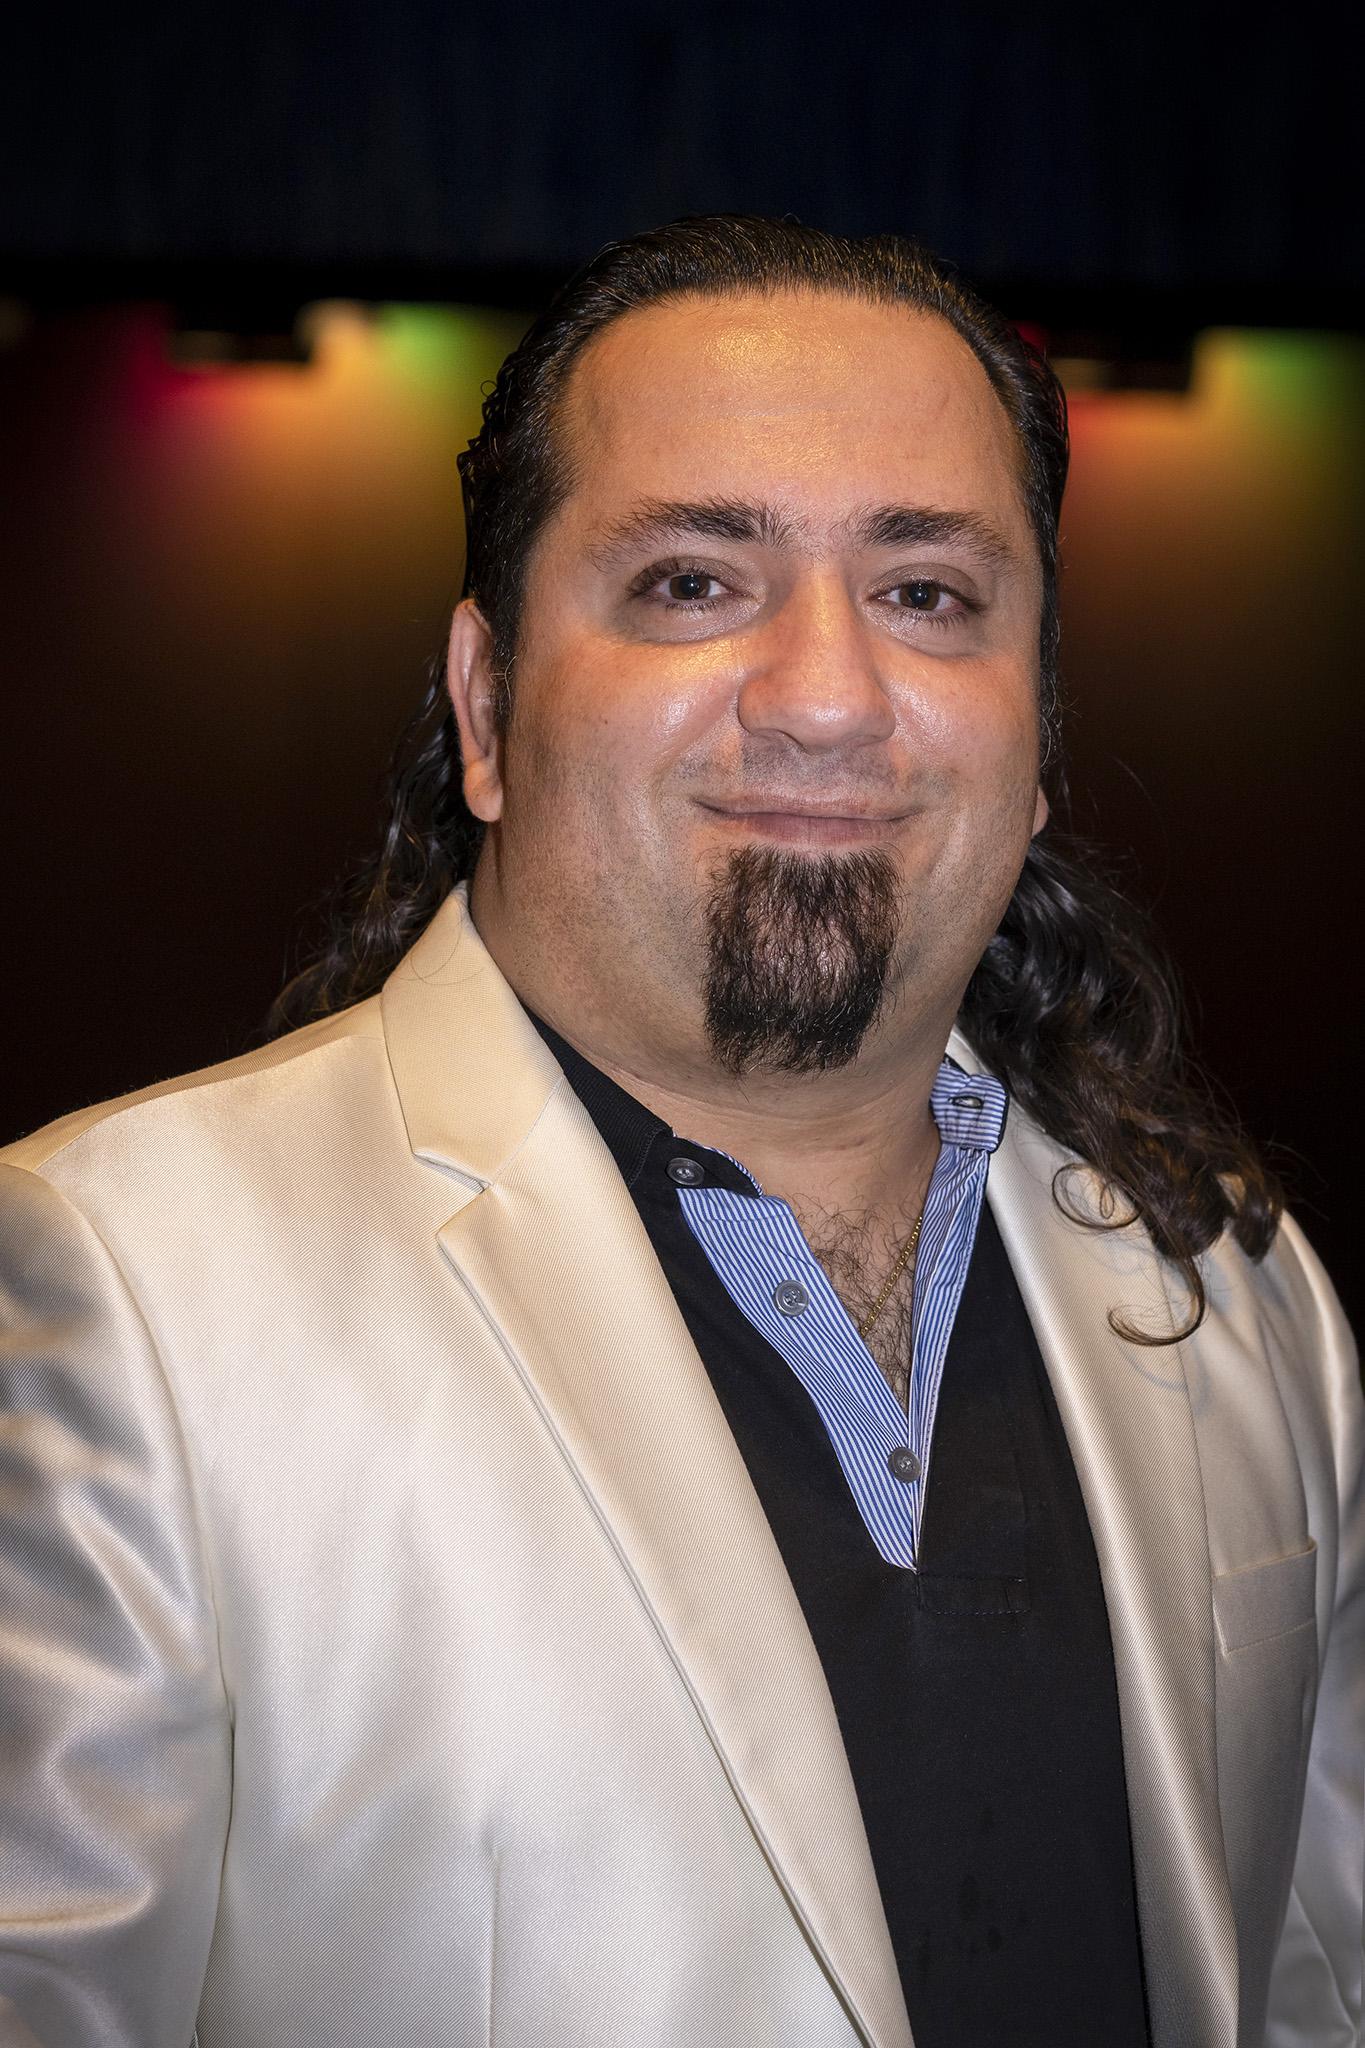 Alex Loiacono